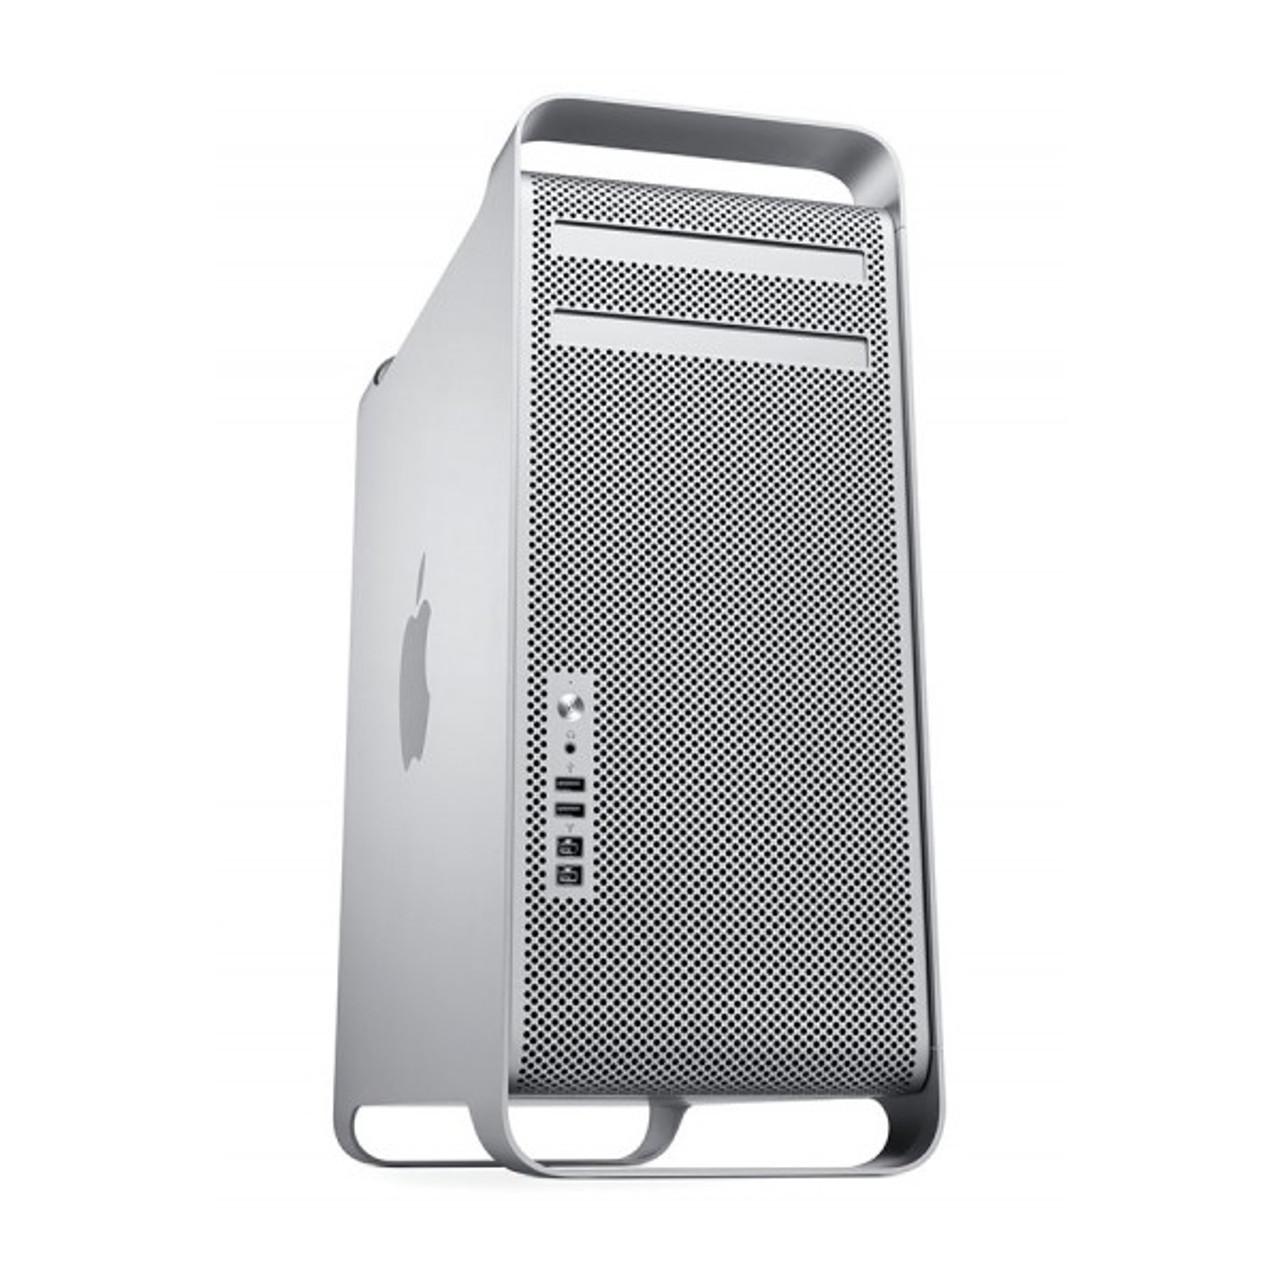 Apple Mac Pro 1x 2 8GHz Quad-Core (4 Cores) Xeon (Mid 2010) MC250LL/A 4 -  Excellent Condition